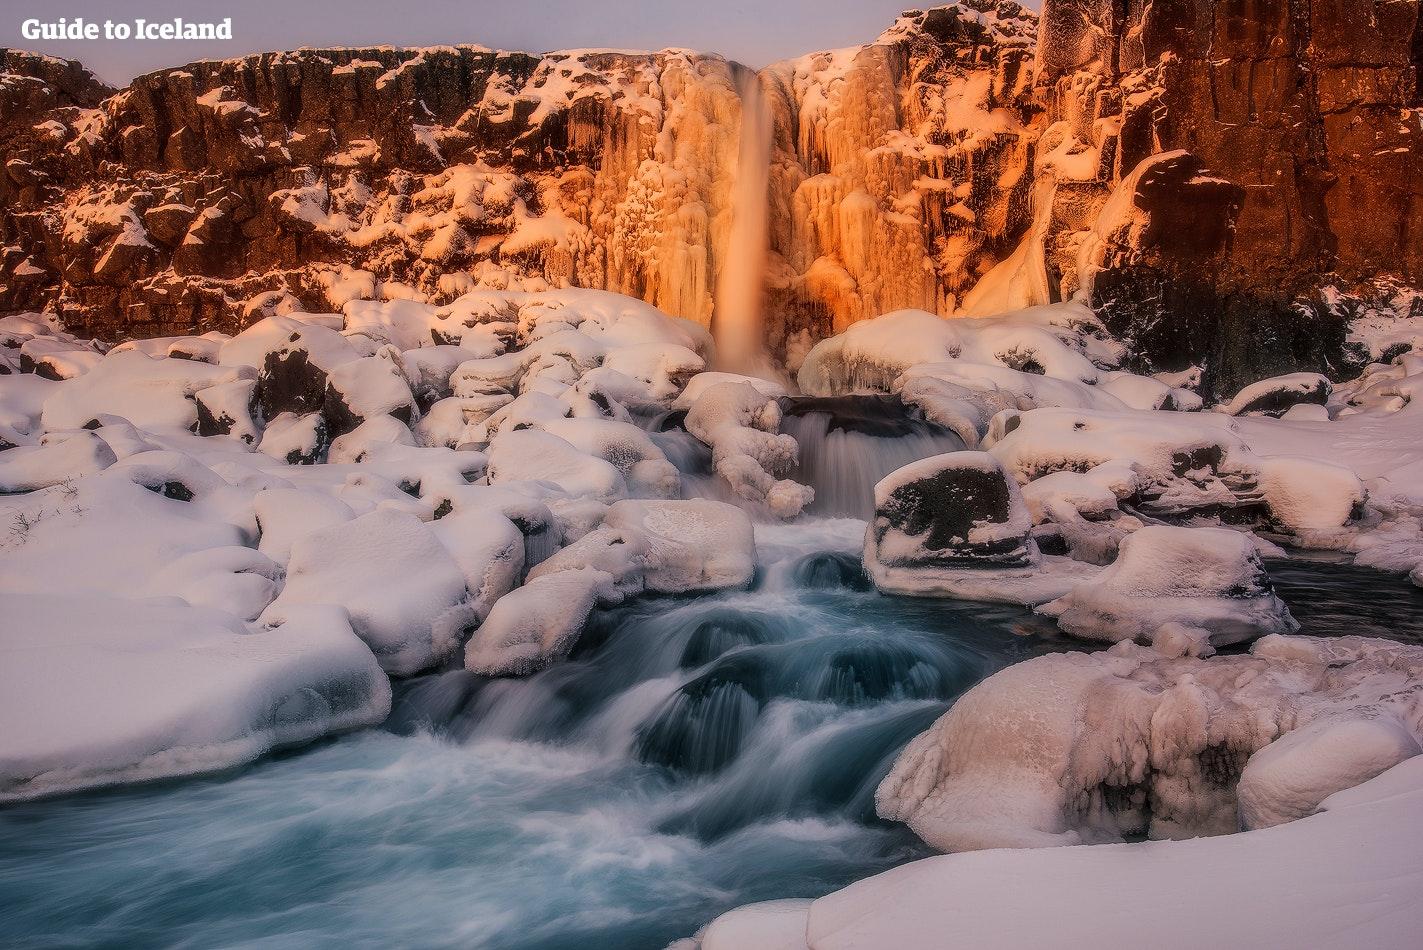 Öxarárfoss at Þingvellir national park during wintertime